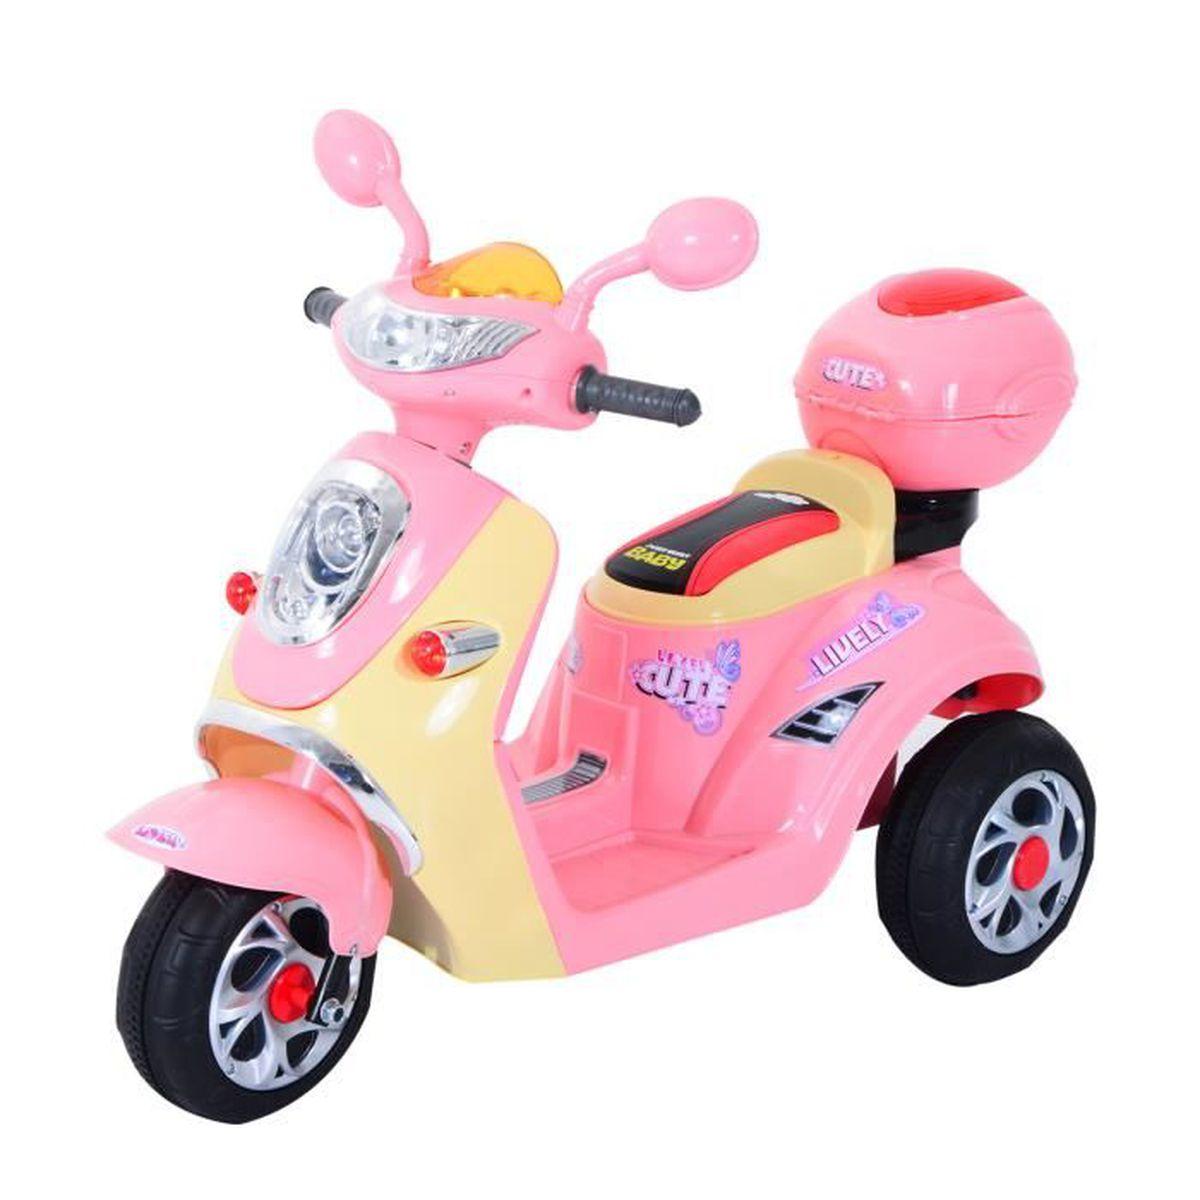 CADEAU 99€ NEUF VELO pour enfant scooter Moto Fille QUALITE de marque trotinette